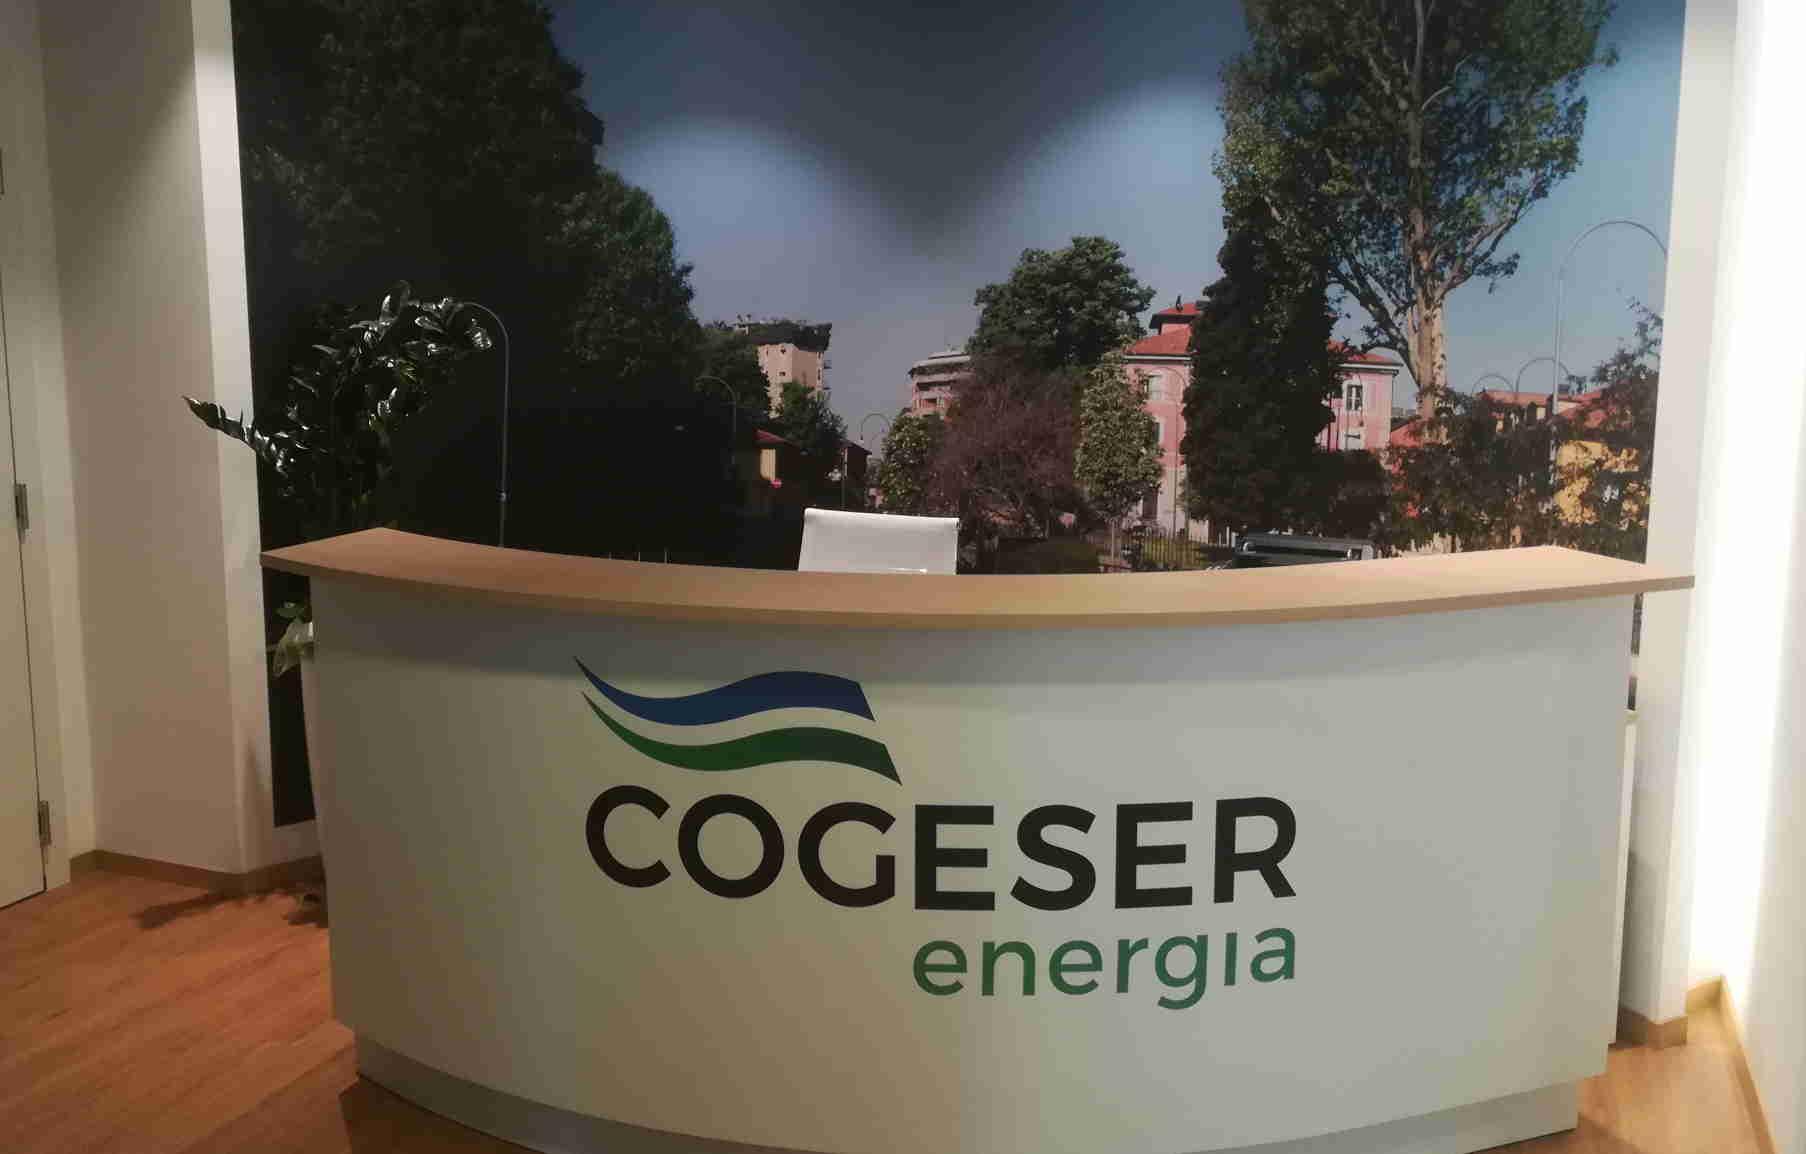 Da COGESER Energia E BCC Milano un progetto dedicato alle famiglie e alle imprese della Zona 2 di Milano